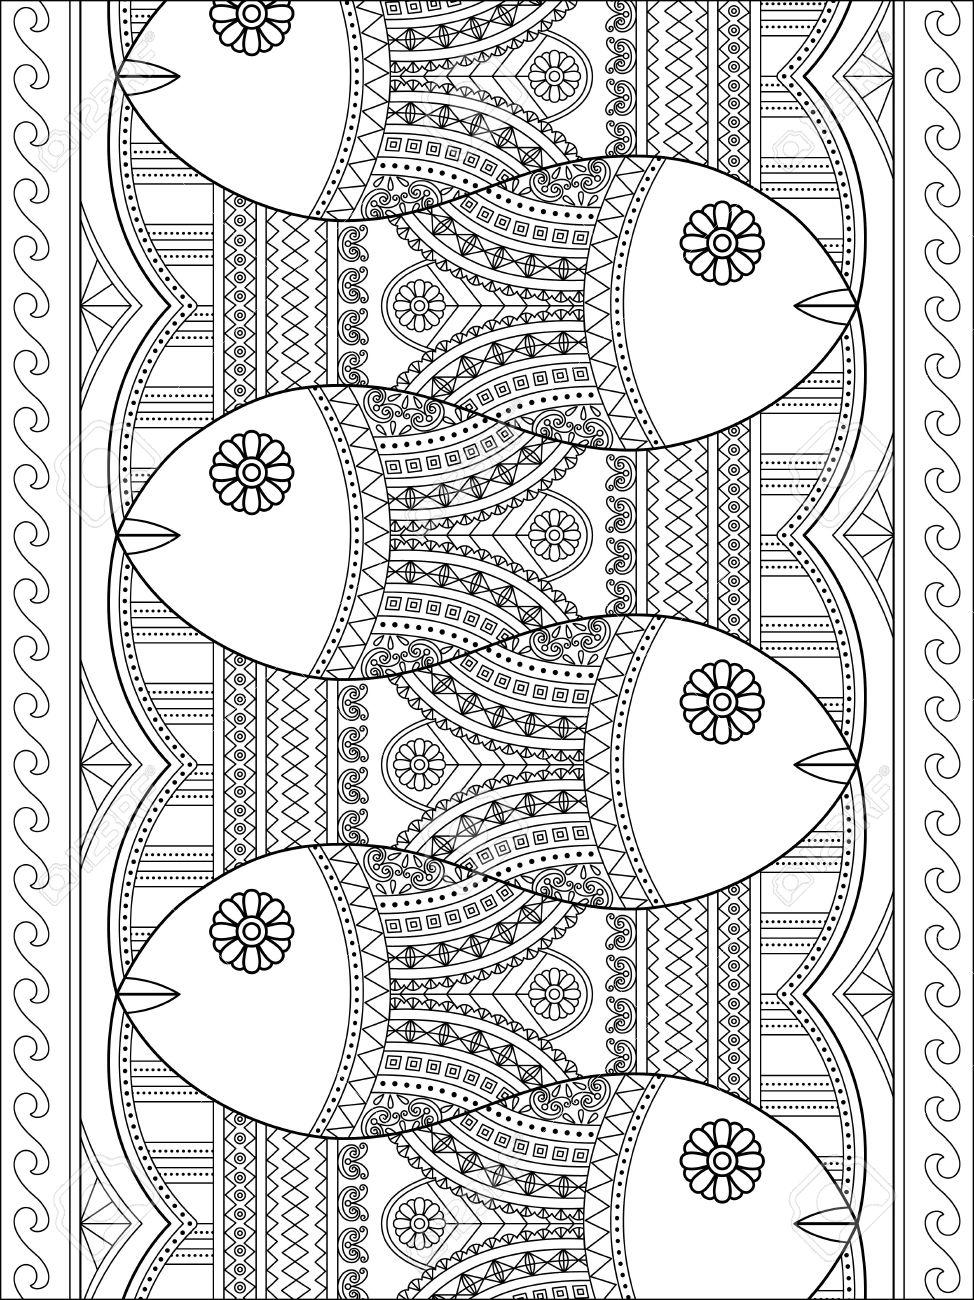 Gemütlich Malvorlagen Geometrische Muster Ideen - Beispiel ...